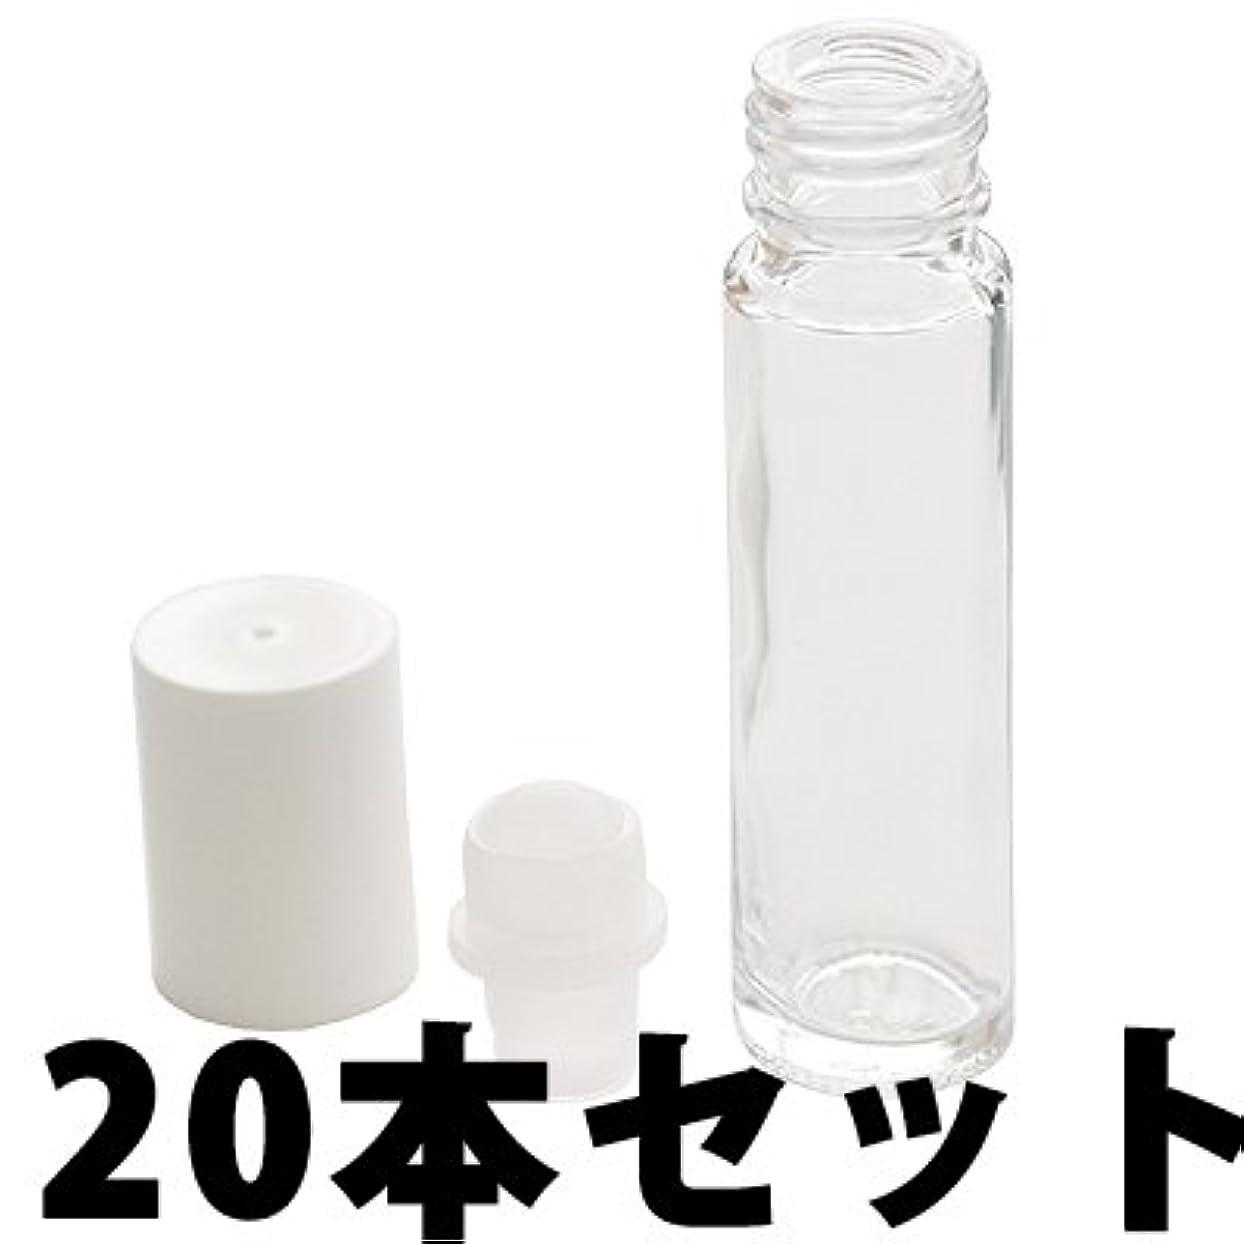 シェフ周波数どこにでもロールオンボトル10ml 白キャップ×20本セット アトマイザーロールオンガラスボトル